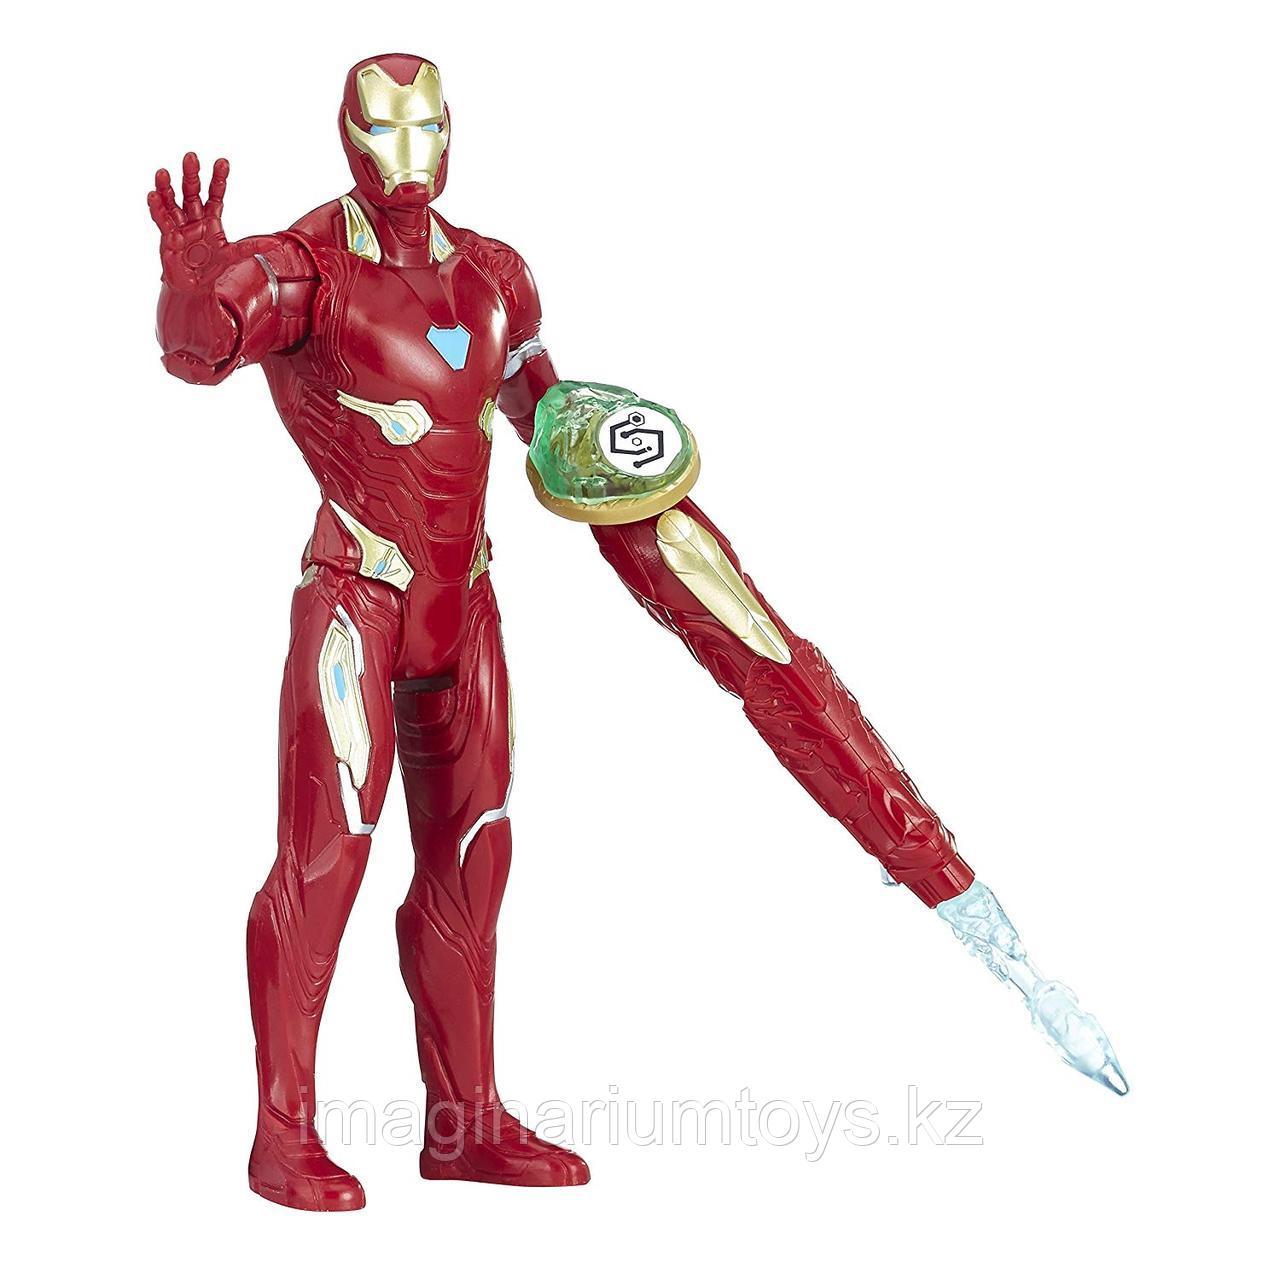 Железный Человек Фигурка Iron Man 15 см